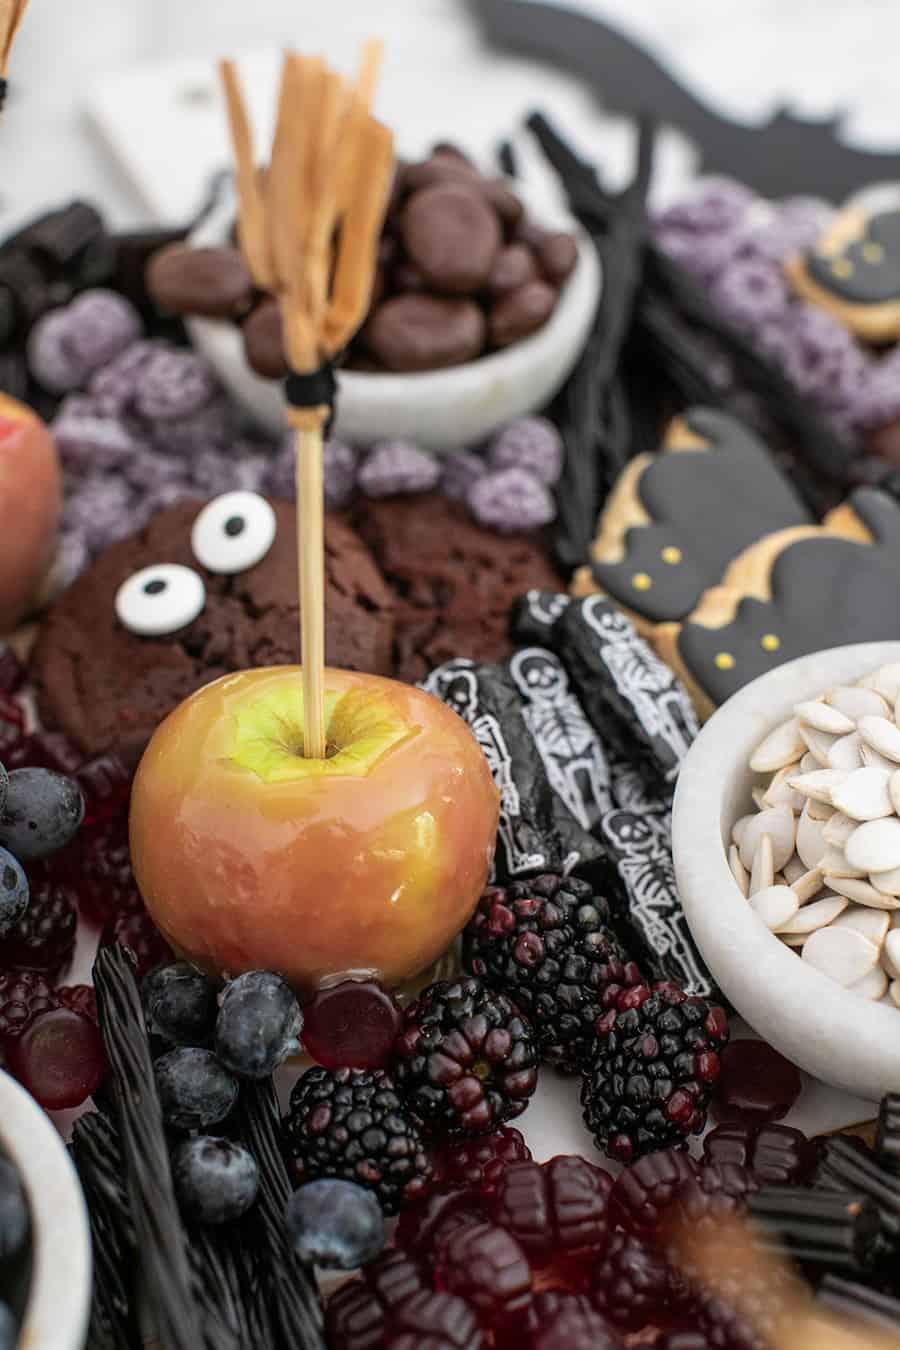 Halloween desserts on a platter.